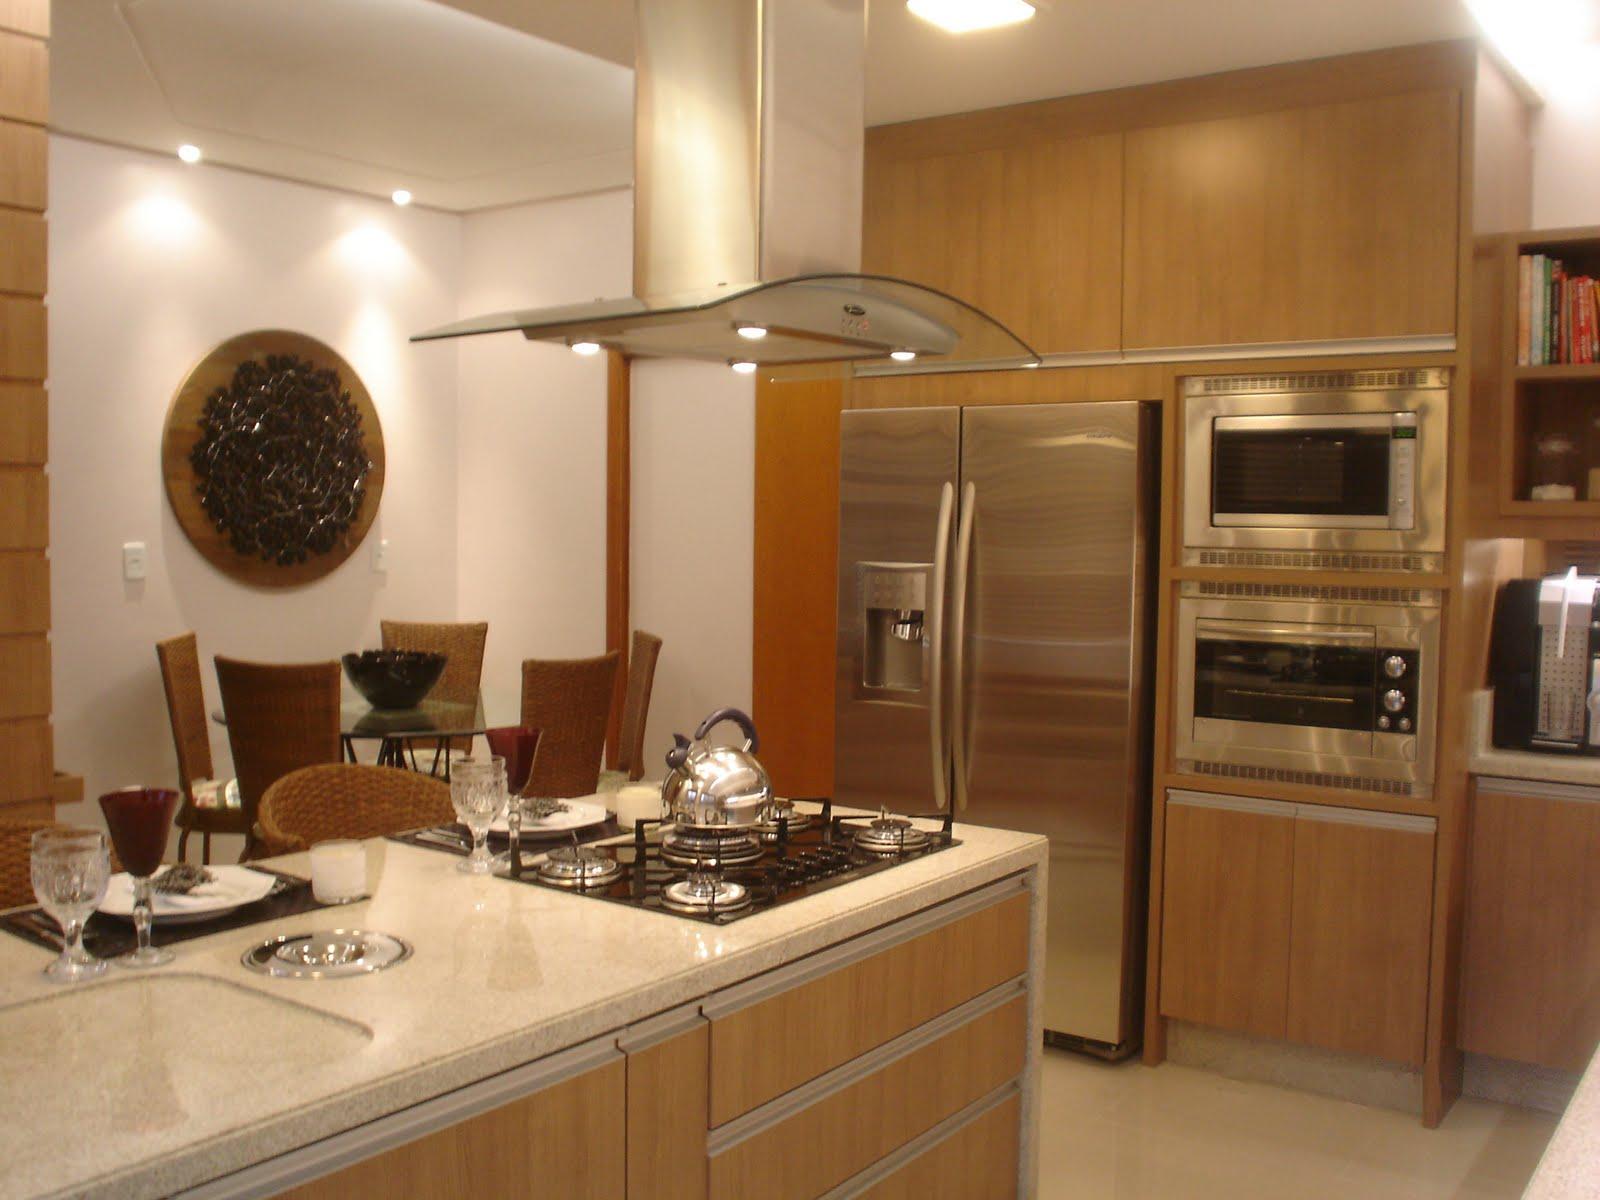 Cozinha Planejada Com Pia No Centro Beyato Com V Rios Desenhos